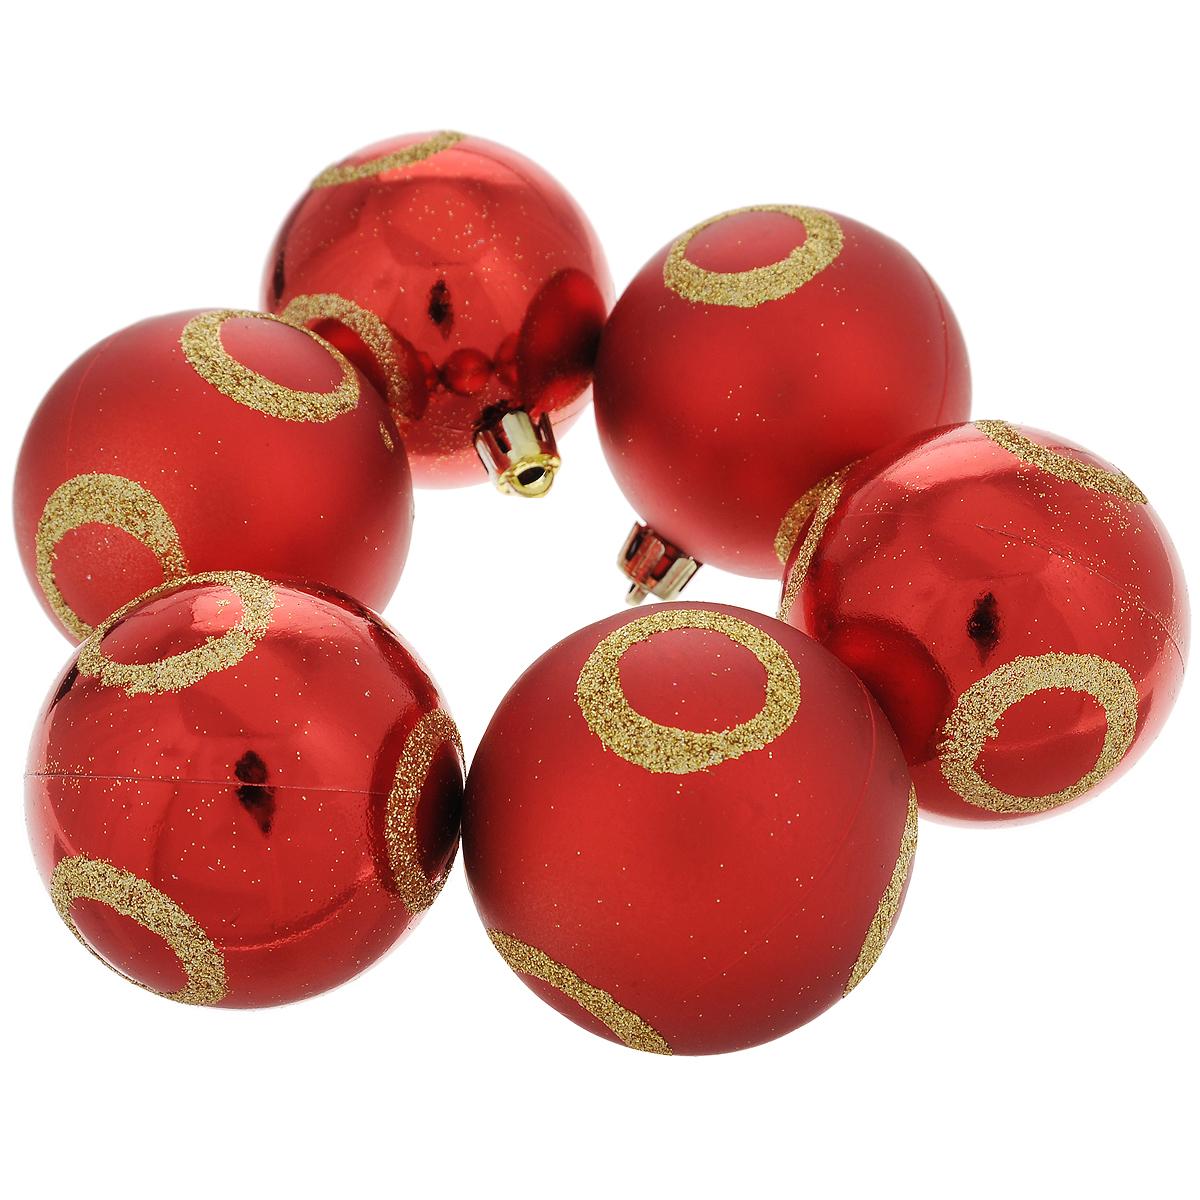 Набор новогодних подвесных украшений Шар, цвет: золотистый, красный, диаметр 6 см, 6 шт. 3550035500Набор новогодних подвесных украшений Шар прекрасно подойдет для праздничного декора новогодней ели. Состоит из шести шаров.Елочная игрушка - символ Нового года. Она несет в себе волшебство и красоту праздника. Создайте в своем доме атмосферу веселья и радости, украшая новогоднюю елку нарядными игрушками, которые будут из года в год накапливать теплоту воспоминаний. Коллекция декоративных украшений принесет в ваш дом ни с чем несравнимое ощущение волшебства! Откройте для себя удивительный мир сказок и грез. Почувствуйте волшебные минуты ожидания праздника, создайте новогоднее настроение вашим дорогим и близким.